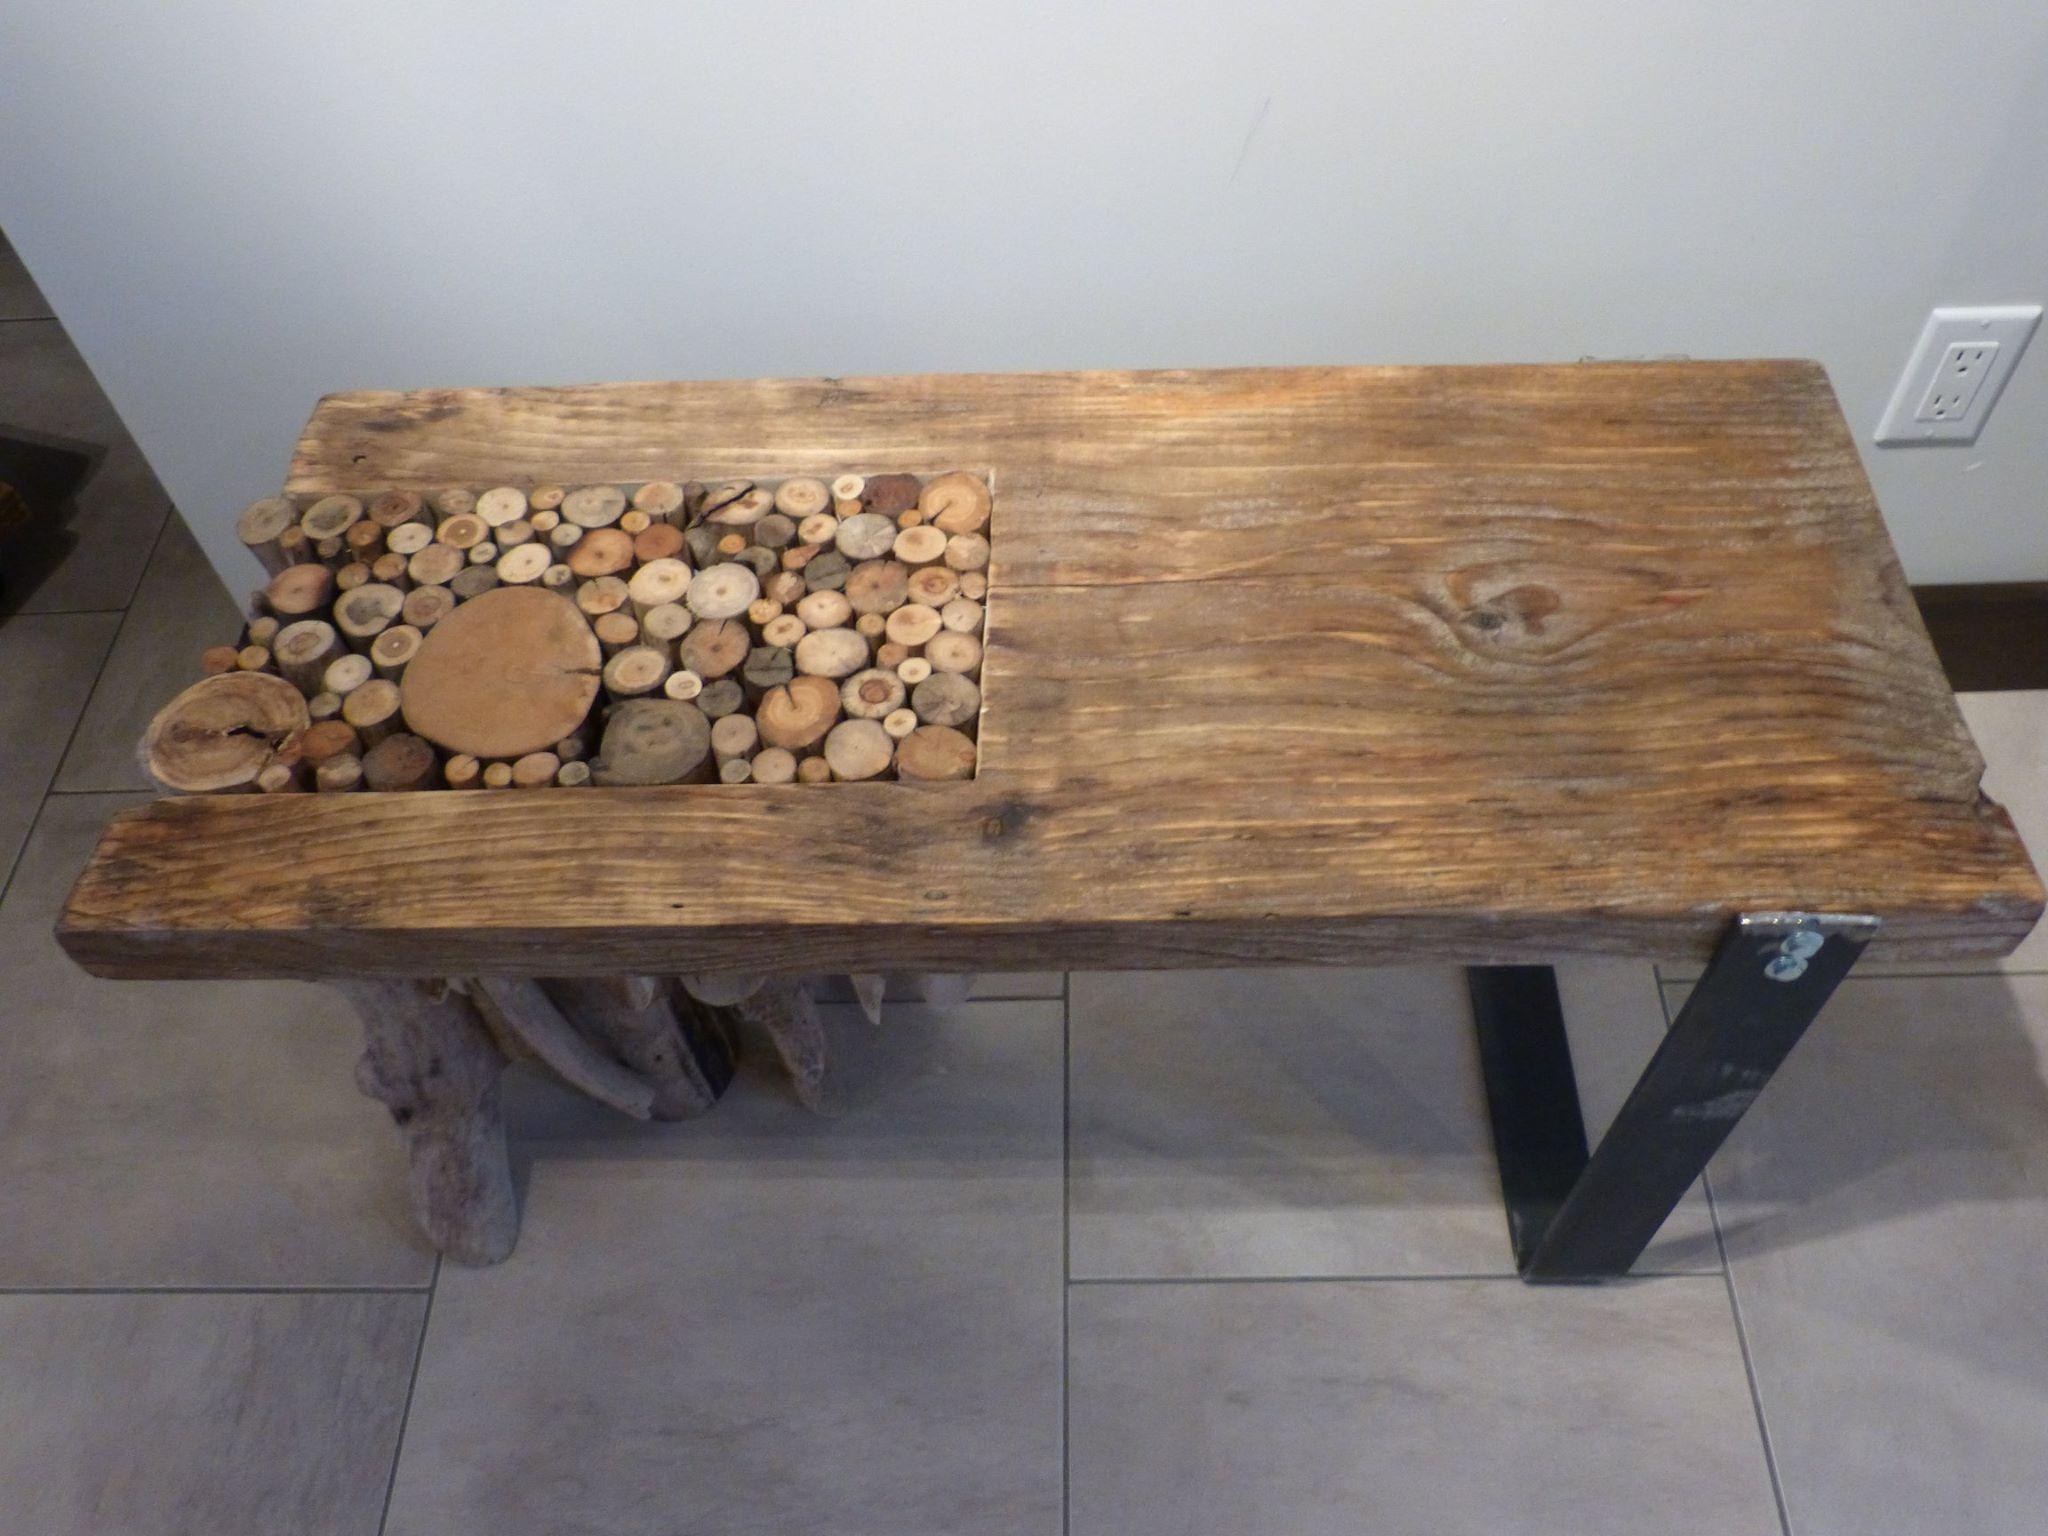 Table de salon avec rondin de bois flott patte en acier 36 12 po de long par 15 po de large